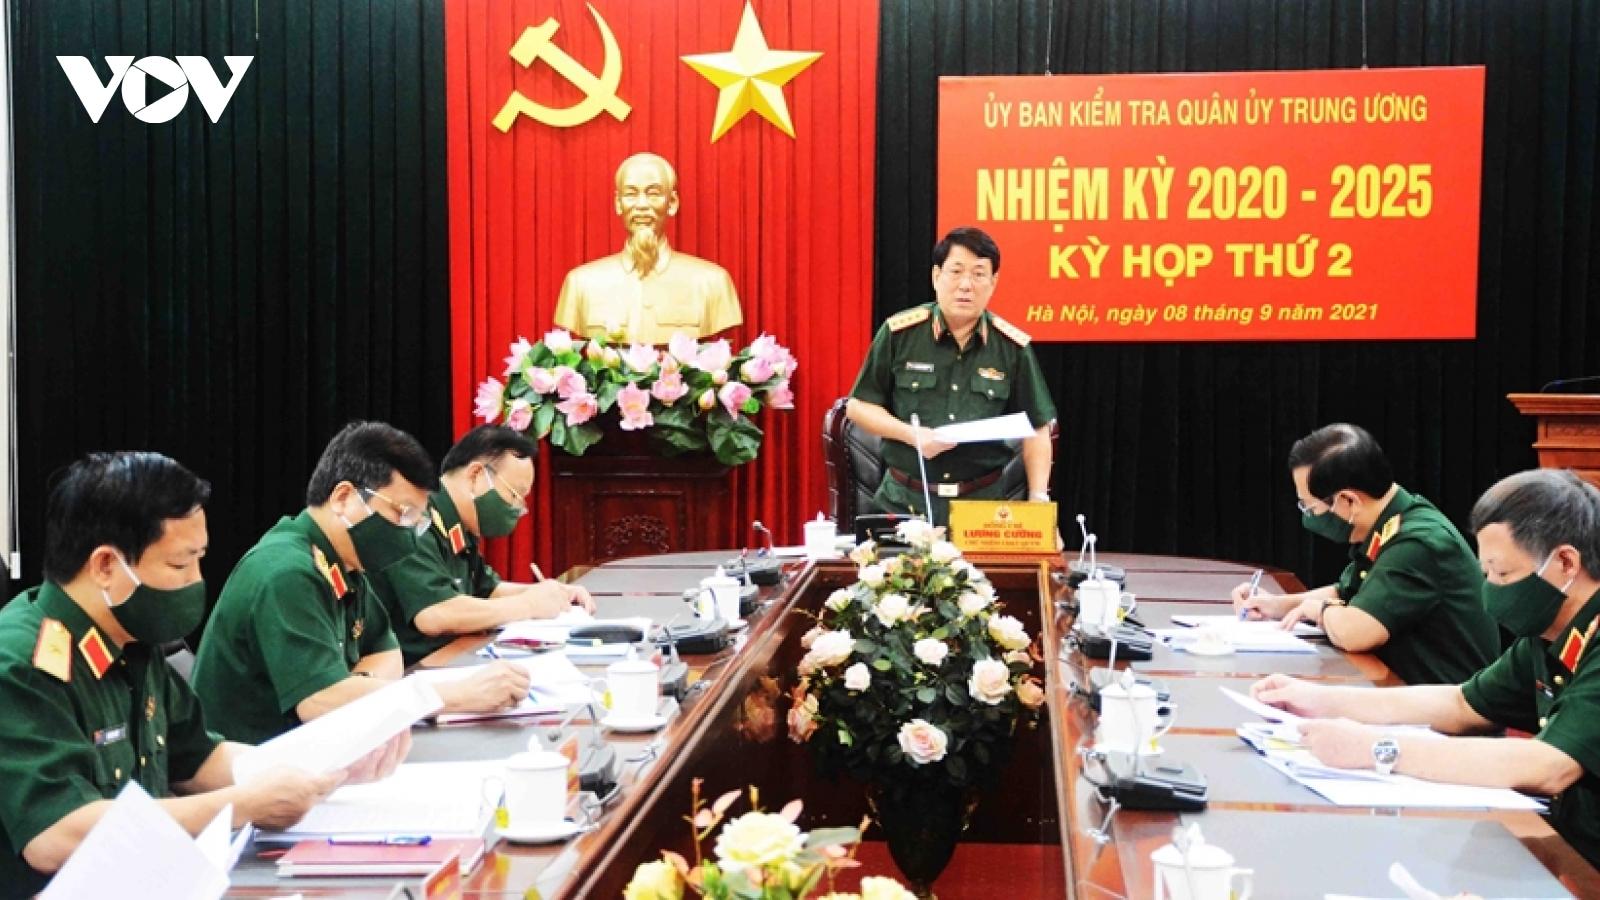 Ủy ban Kiểm tra Quân ủy Trung ương xem xét kỷ luật 7 quân nhân vi phạm